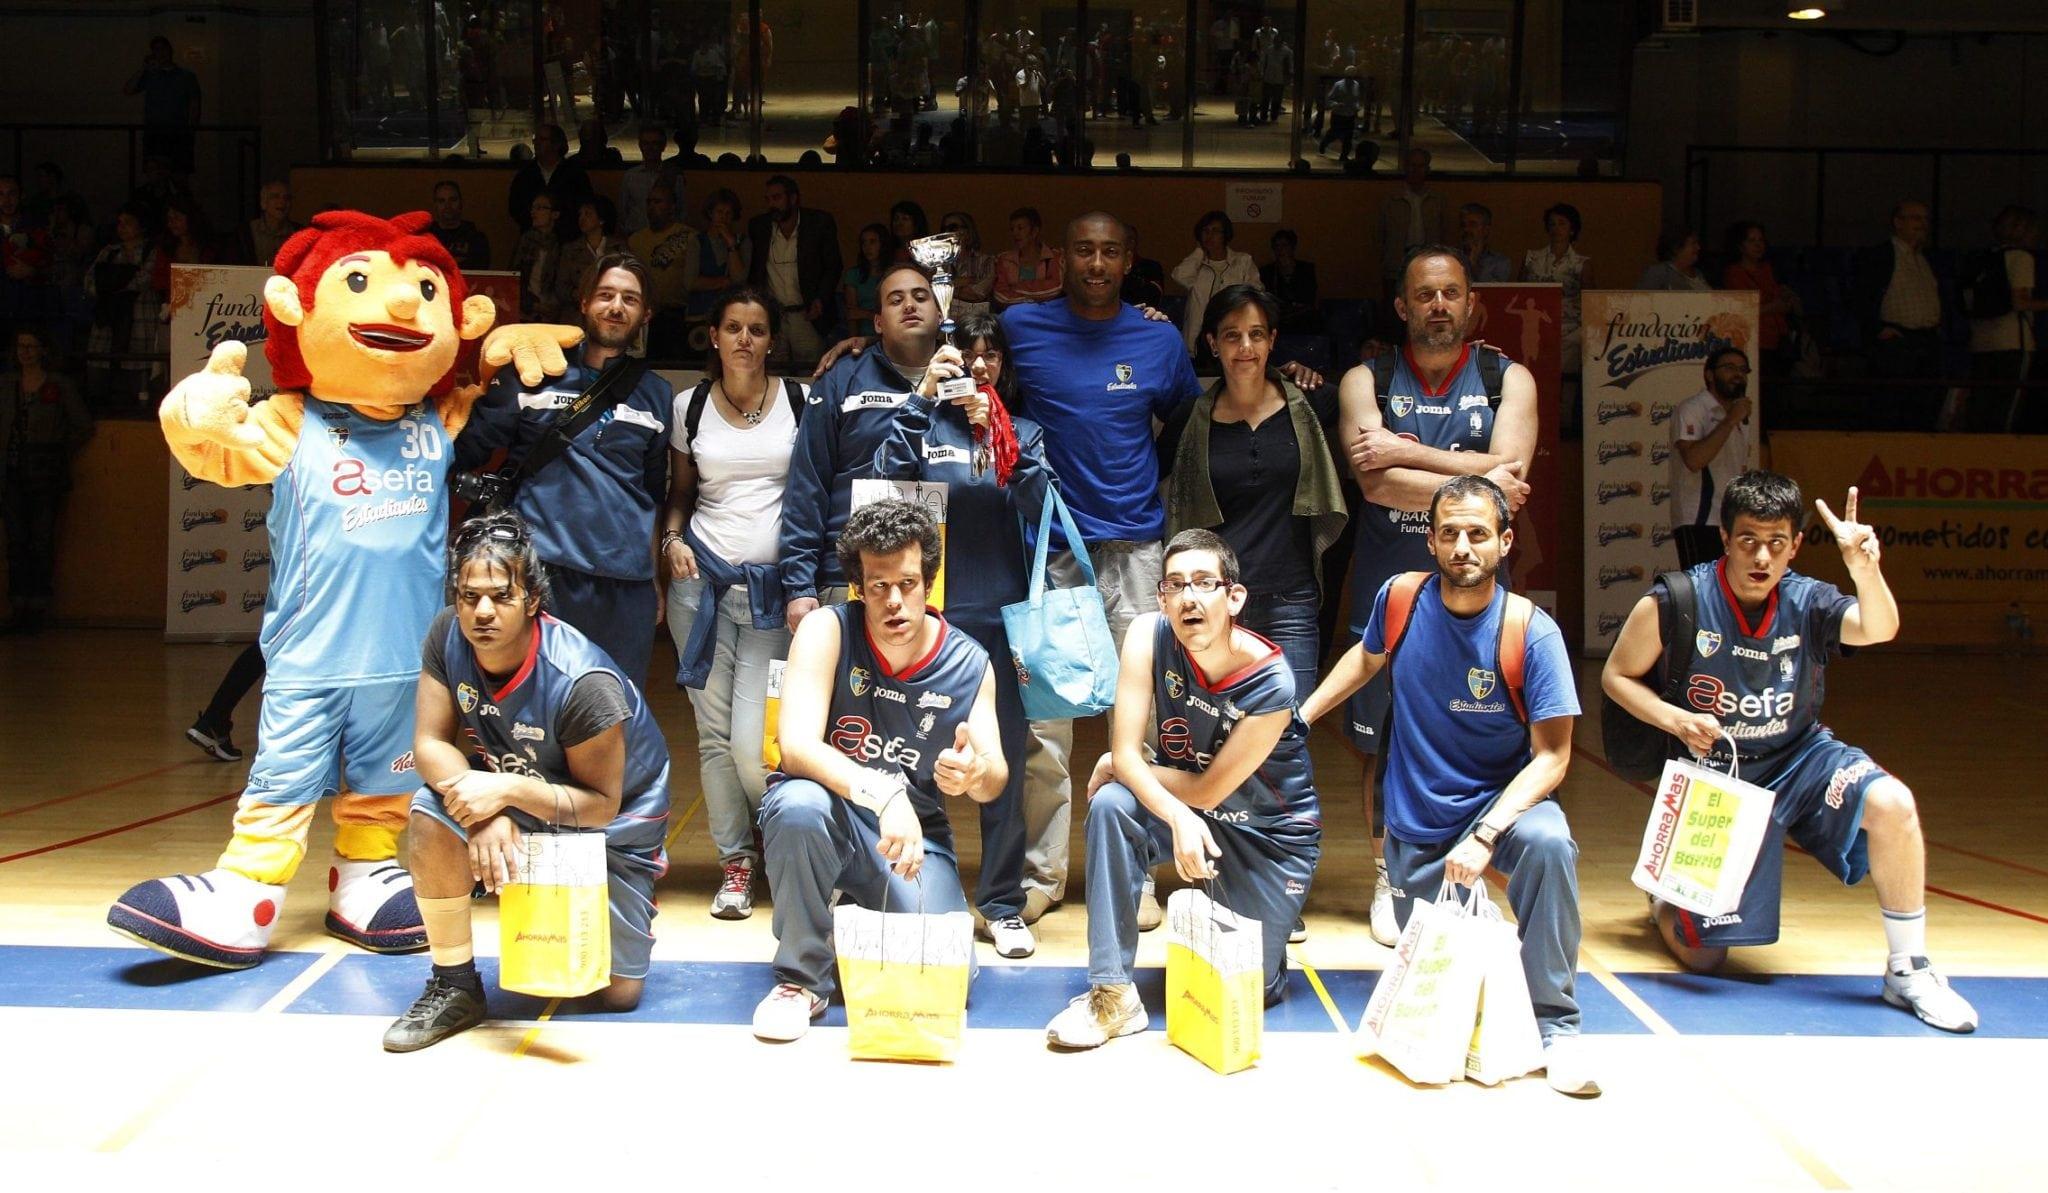 Así fue la Copa FEMADDI celebrada en Magariños: videoreportaje de Ahorramás